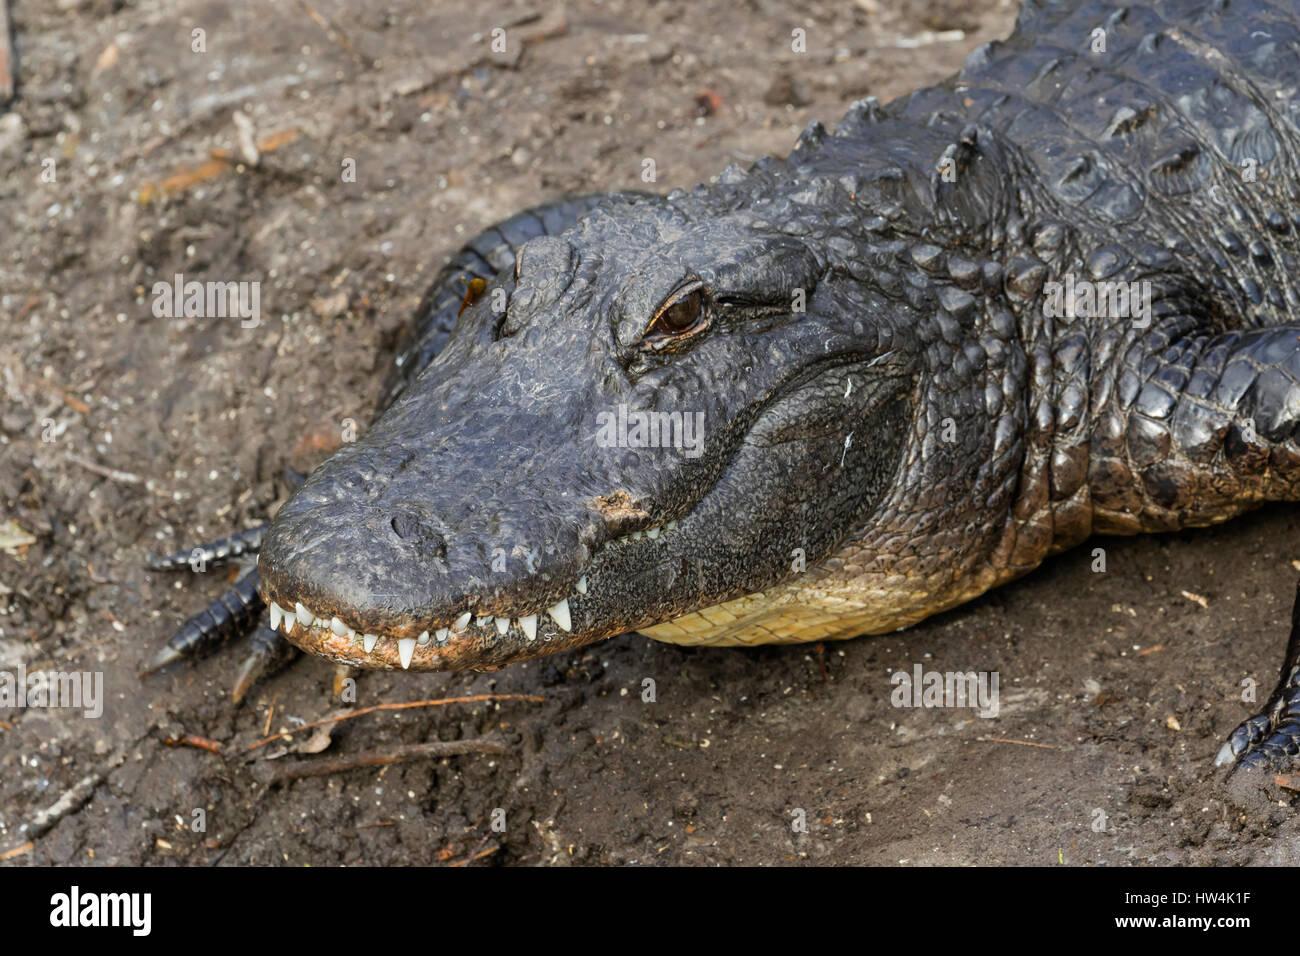 American Alligator (Alligator mississippiensis) portrait, St Augustine, FL, USA - Stock Image